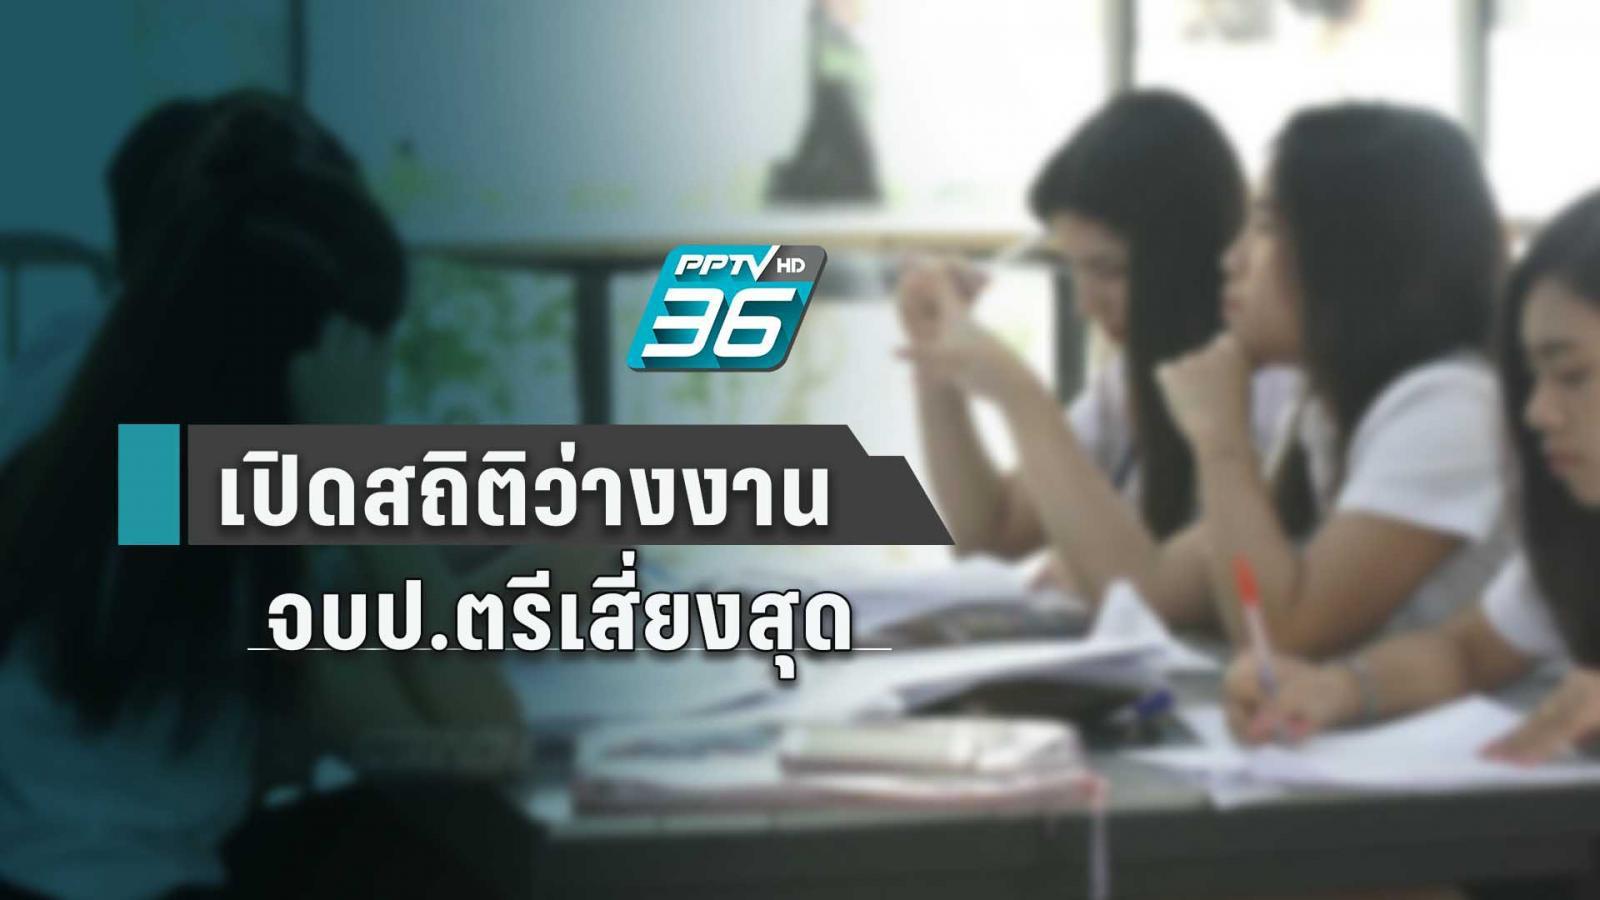 เปิดผลสำรวจอัตราว่างงานคนไทย พบ เด็กจบ ป.ตรี เตะฝุ่นเพียบ!